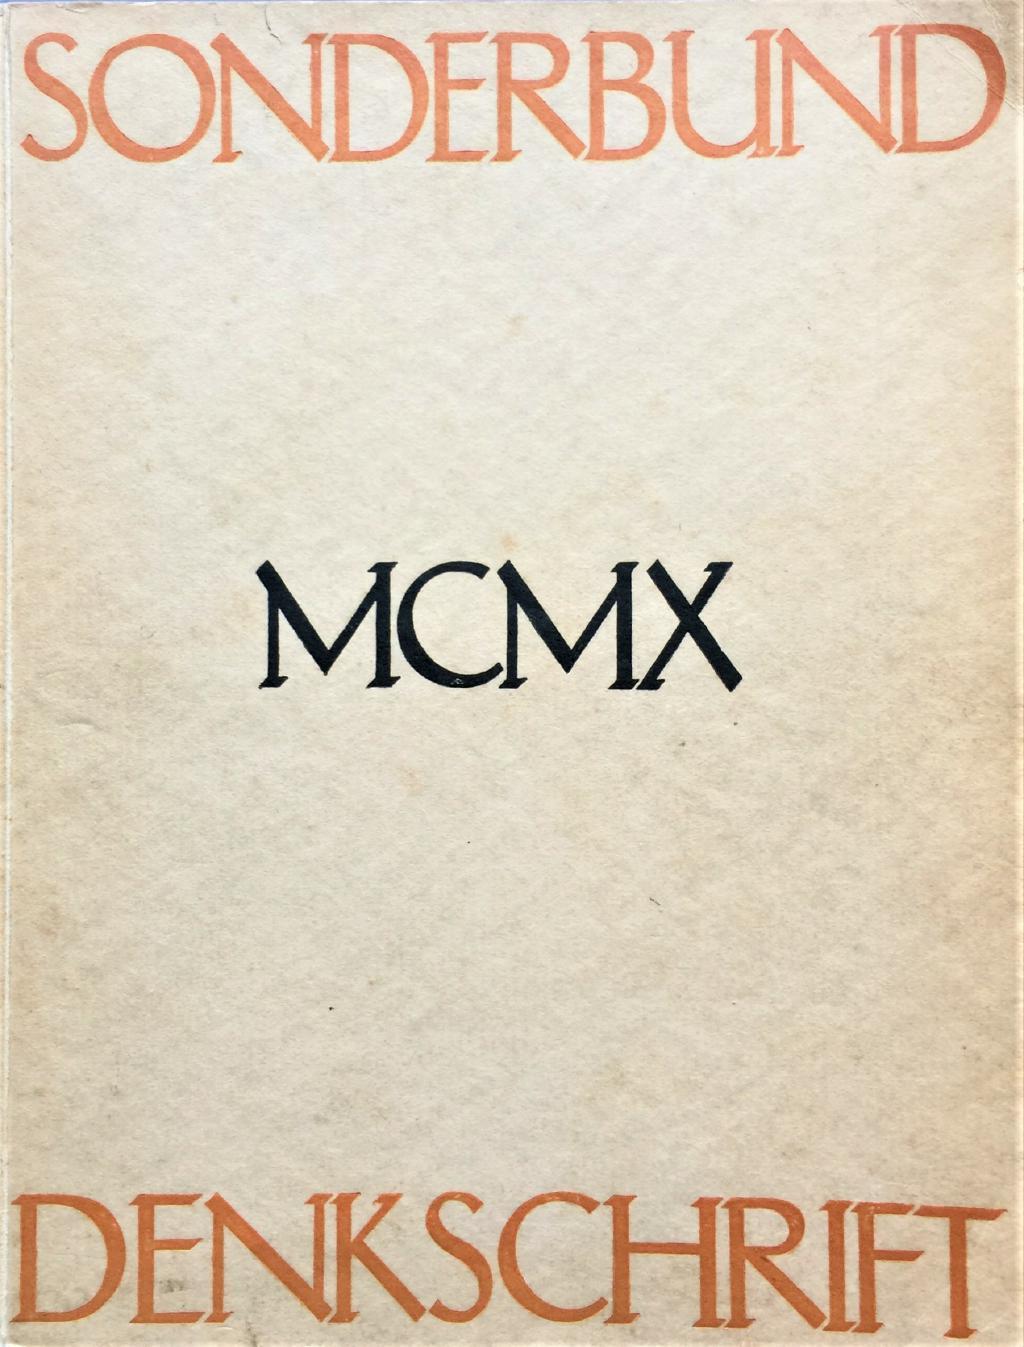 Denkschrift des Sonderbundes auf die Ausstellung MCMX: Niemeyer, Wilhelm: